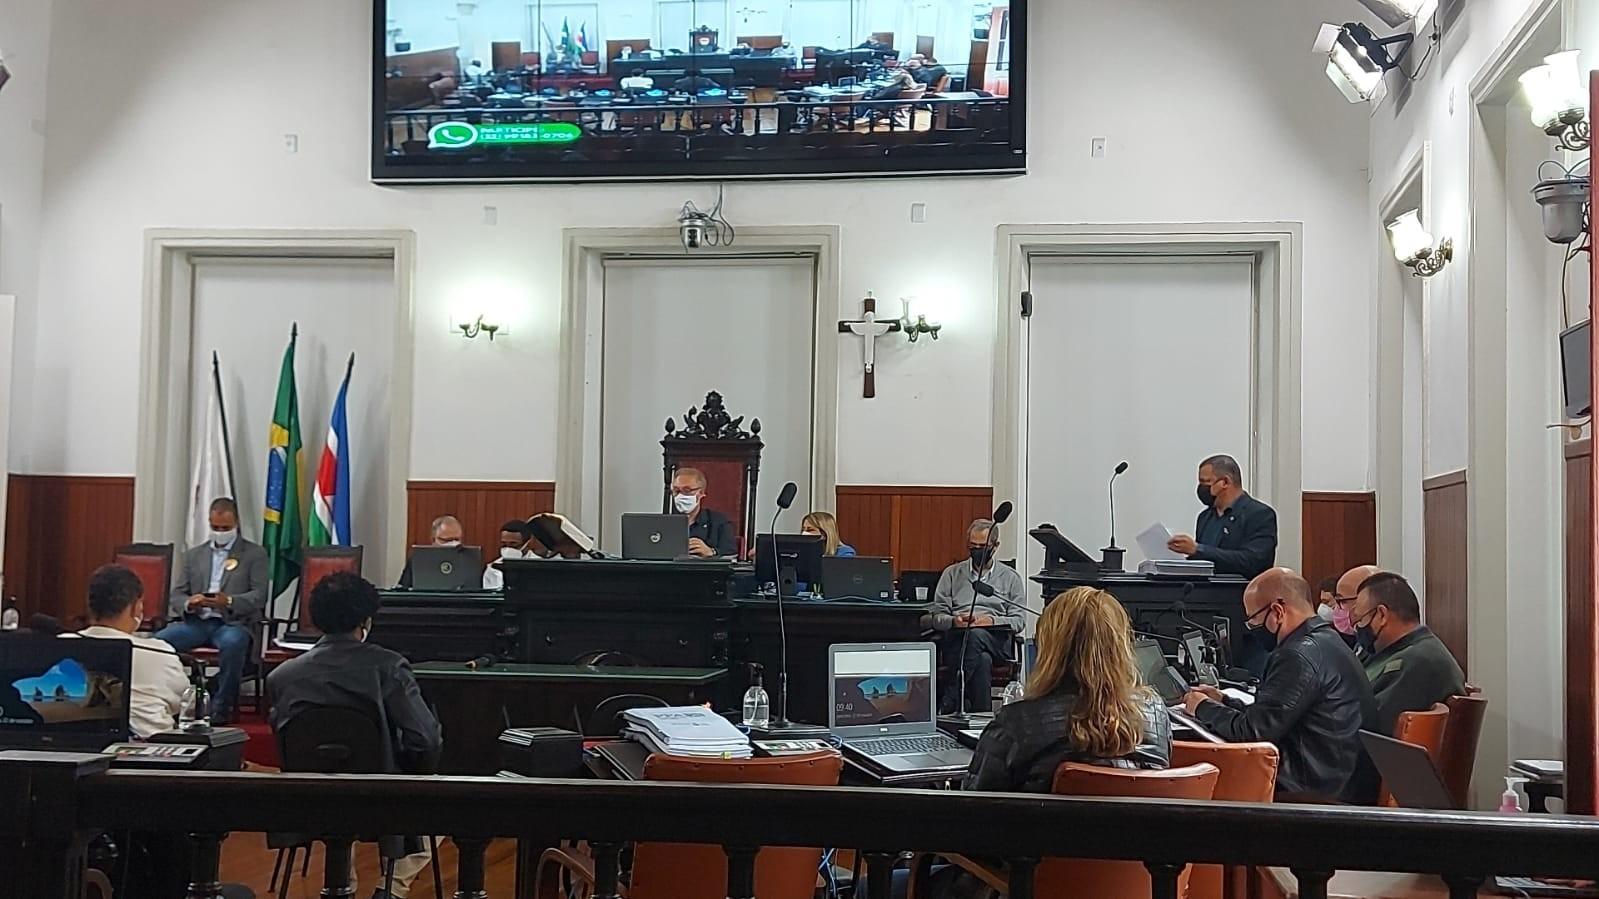 Vereadores apresentam parecer em primeira audiência pública sobre orçamento em Juiz de Fora